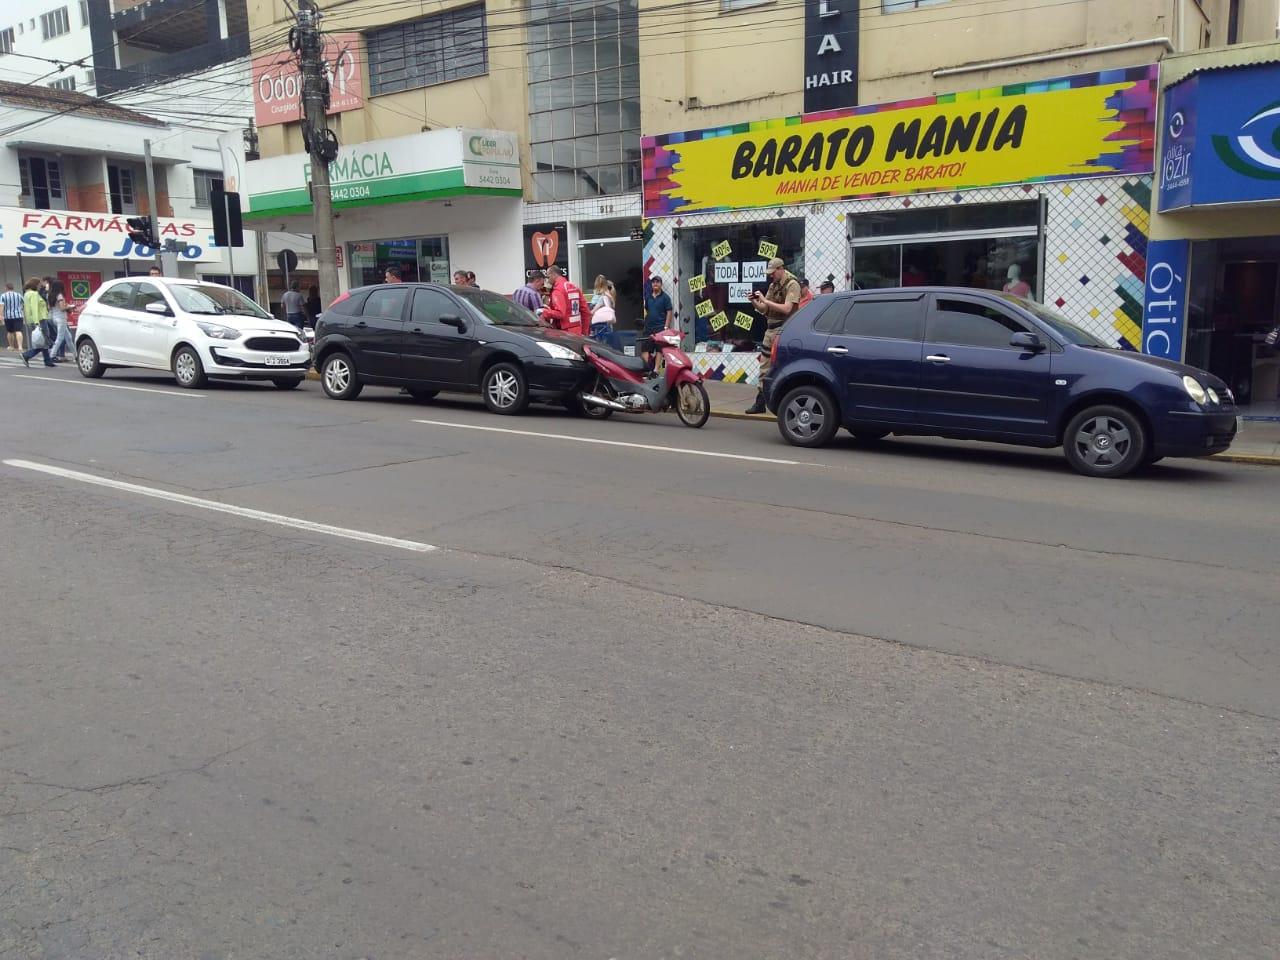 Motociclista ferida em engavetamento envolvendo quatro veículos